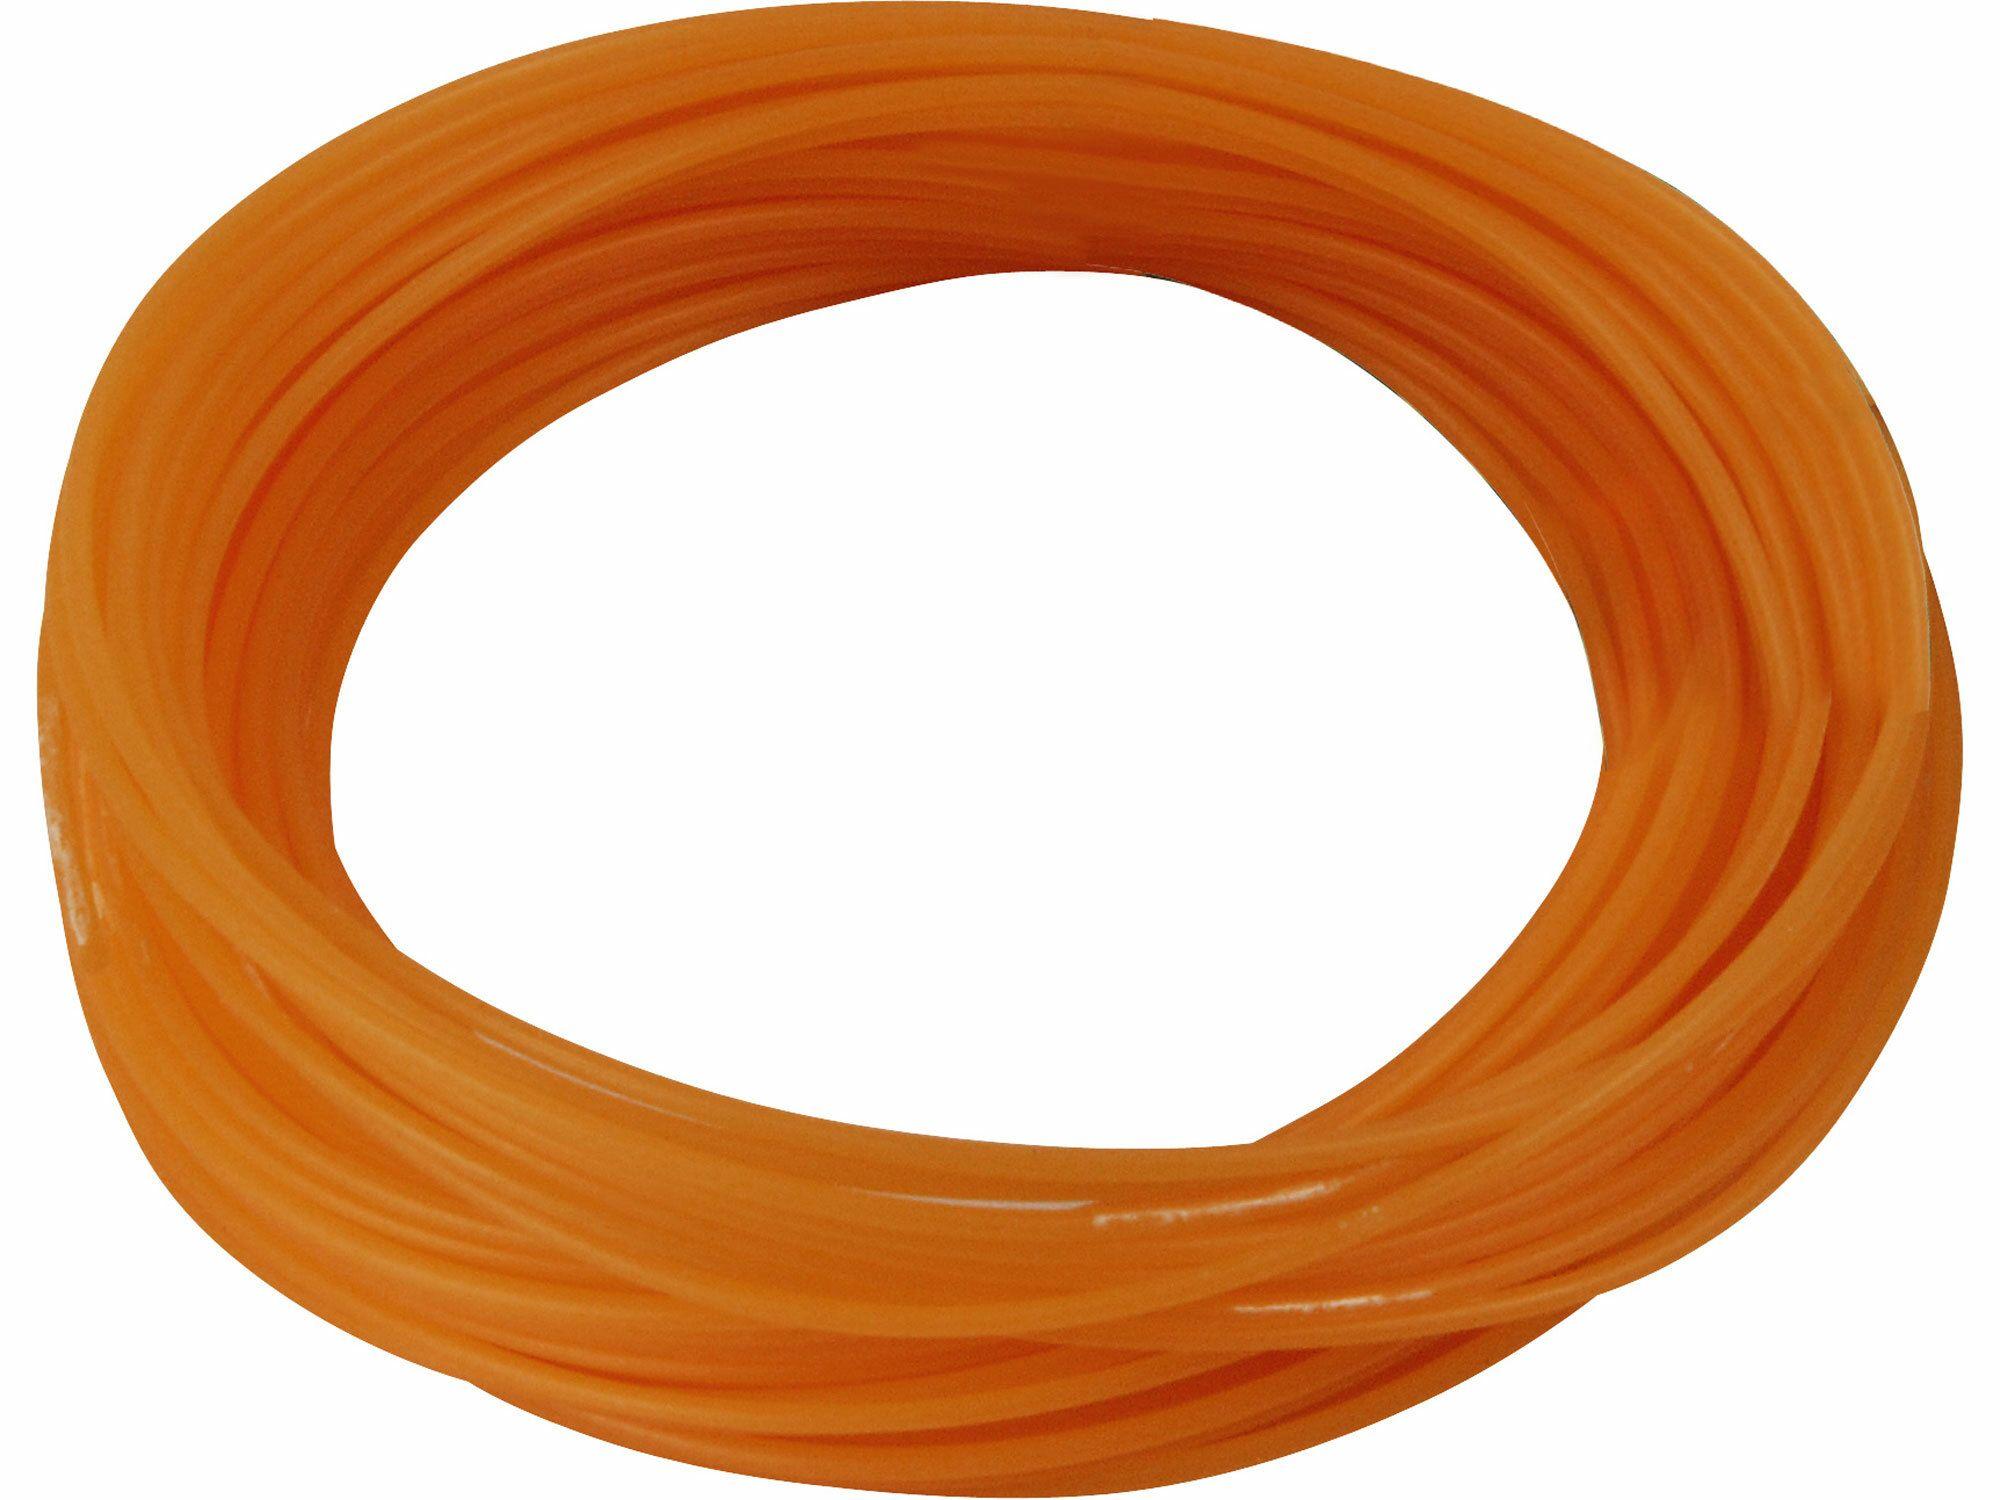 Struna do sekačky, 3,0mm, 15m, kruhový profil, nylon, EXTOL CRAFT